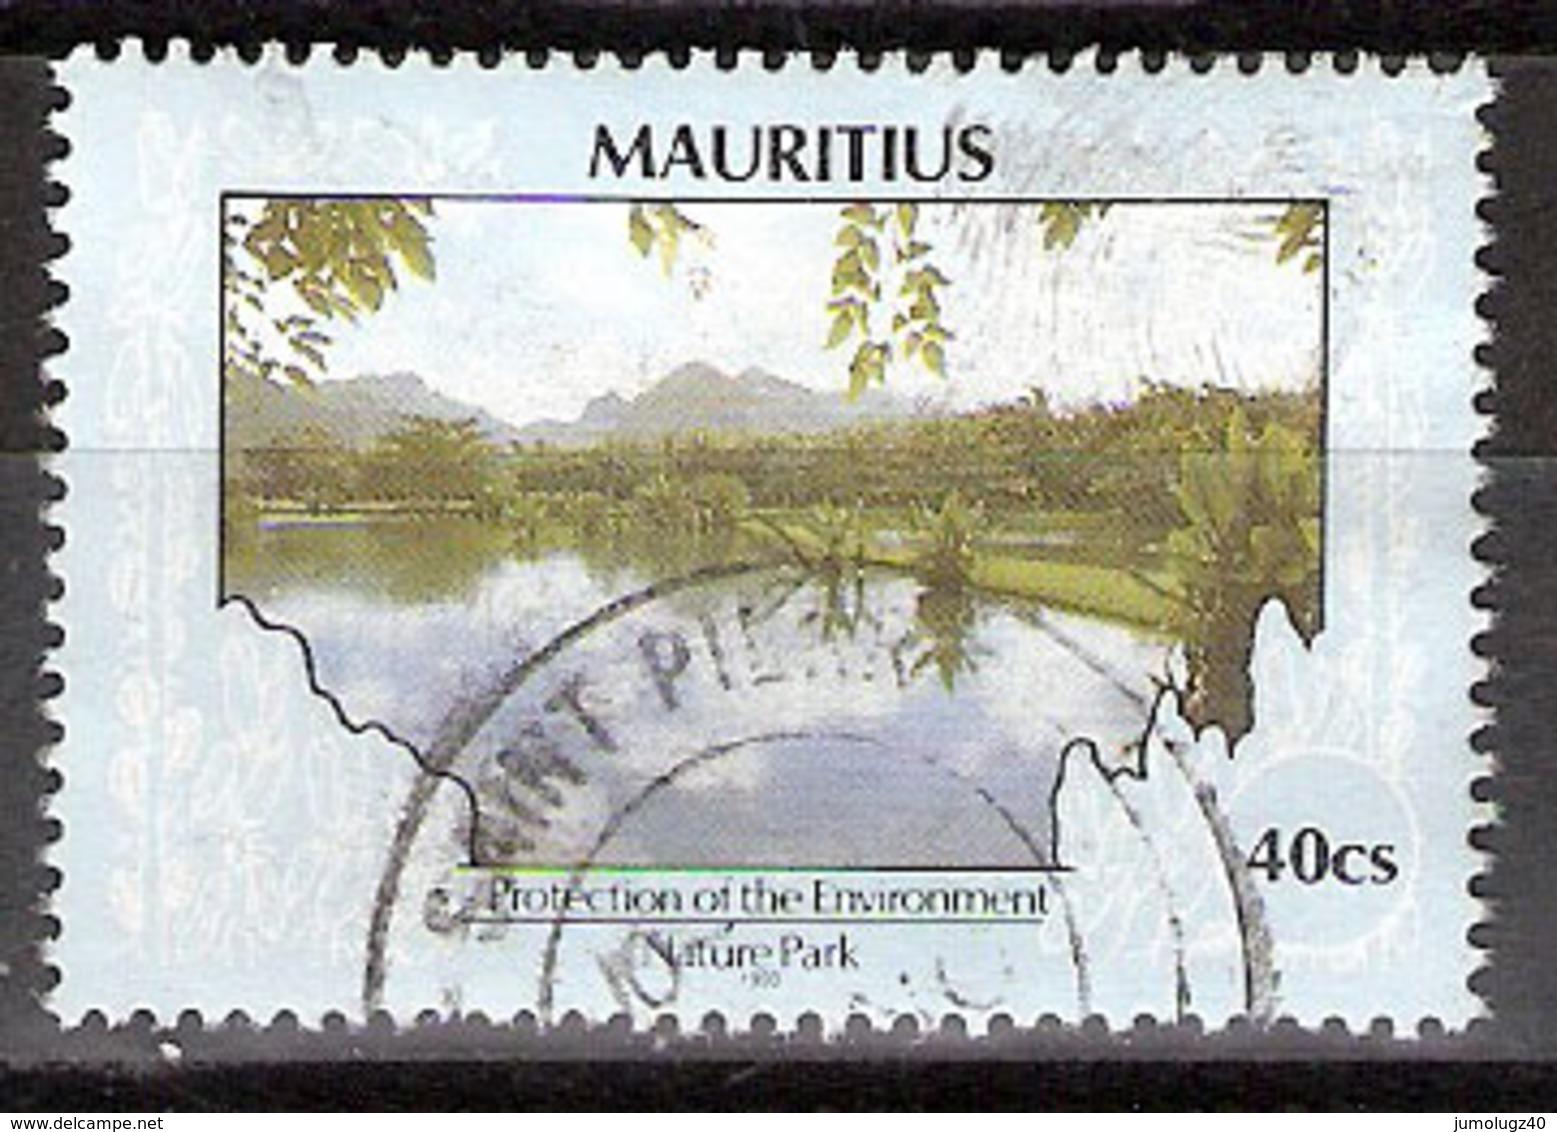 Timbre Maurice 1991 Y&T N°753 (16) Oblitéré. Nature Park 1993. 40Cs. Cote 0.30 € - Maurice (1968-...)